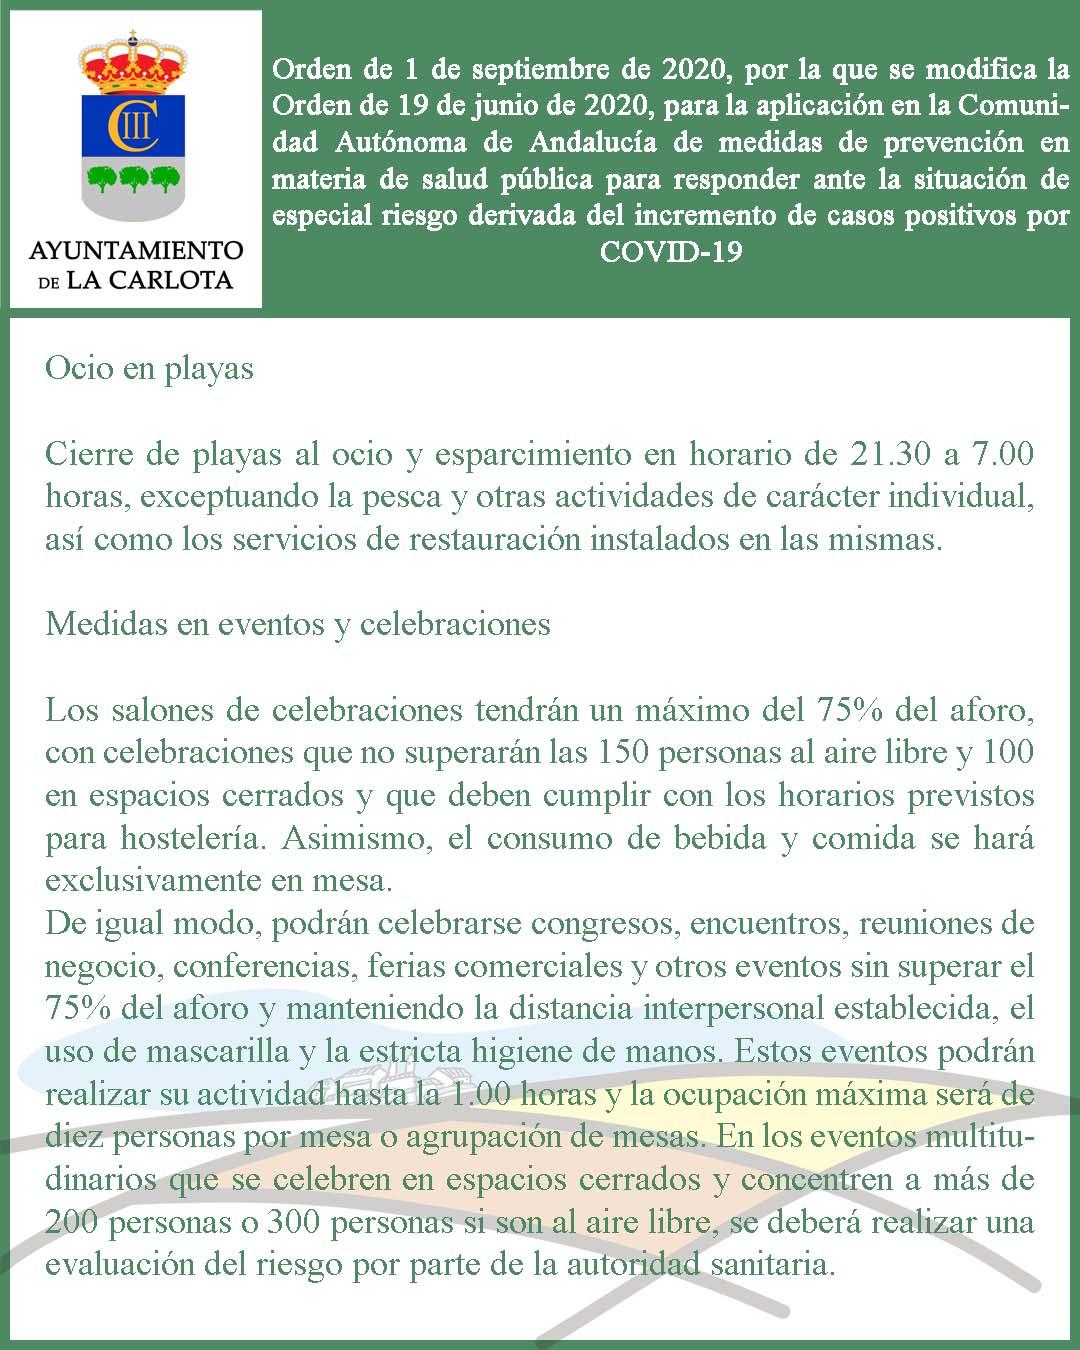 ORDEN DE 1 DE SEPTIEMBRE DE 2020, POR LA QUE SE MODIFICA LA ORDEN DE 19 DE JUNIO DE 2020, PARA LA APLICACIÓN EN LA COMUNIDAD AUTÓNOMA DE ANDALUCÍA DE MEDIDAS DE PREVENCIÓN EN MATERIA DE SALUD PÚBLICA PARA RESPONDER ANTE LA SITUACIÓN DE ESPECIAL RIESGO DER 1